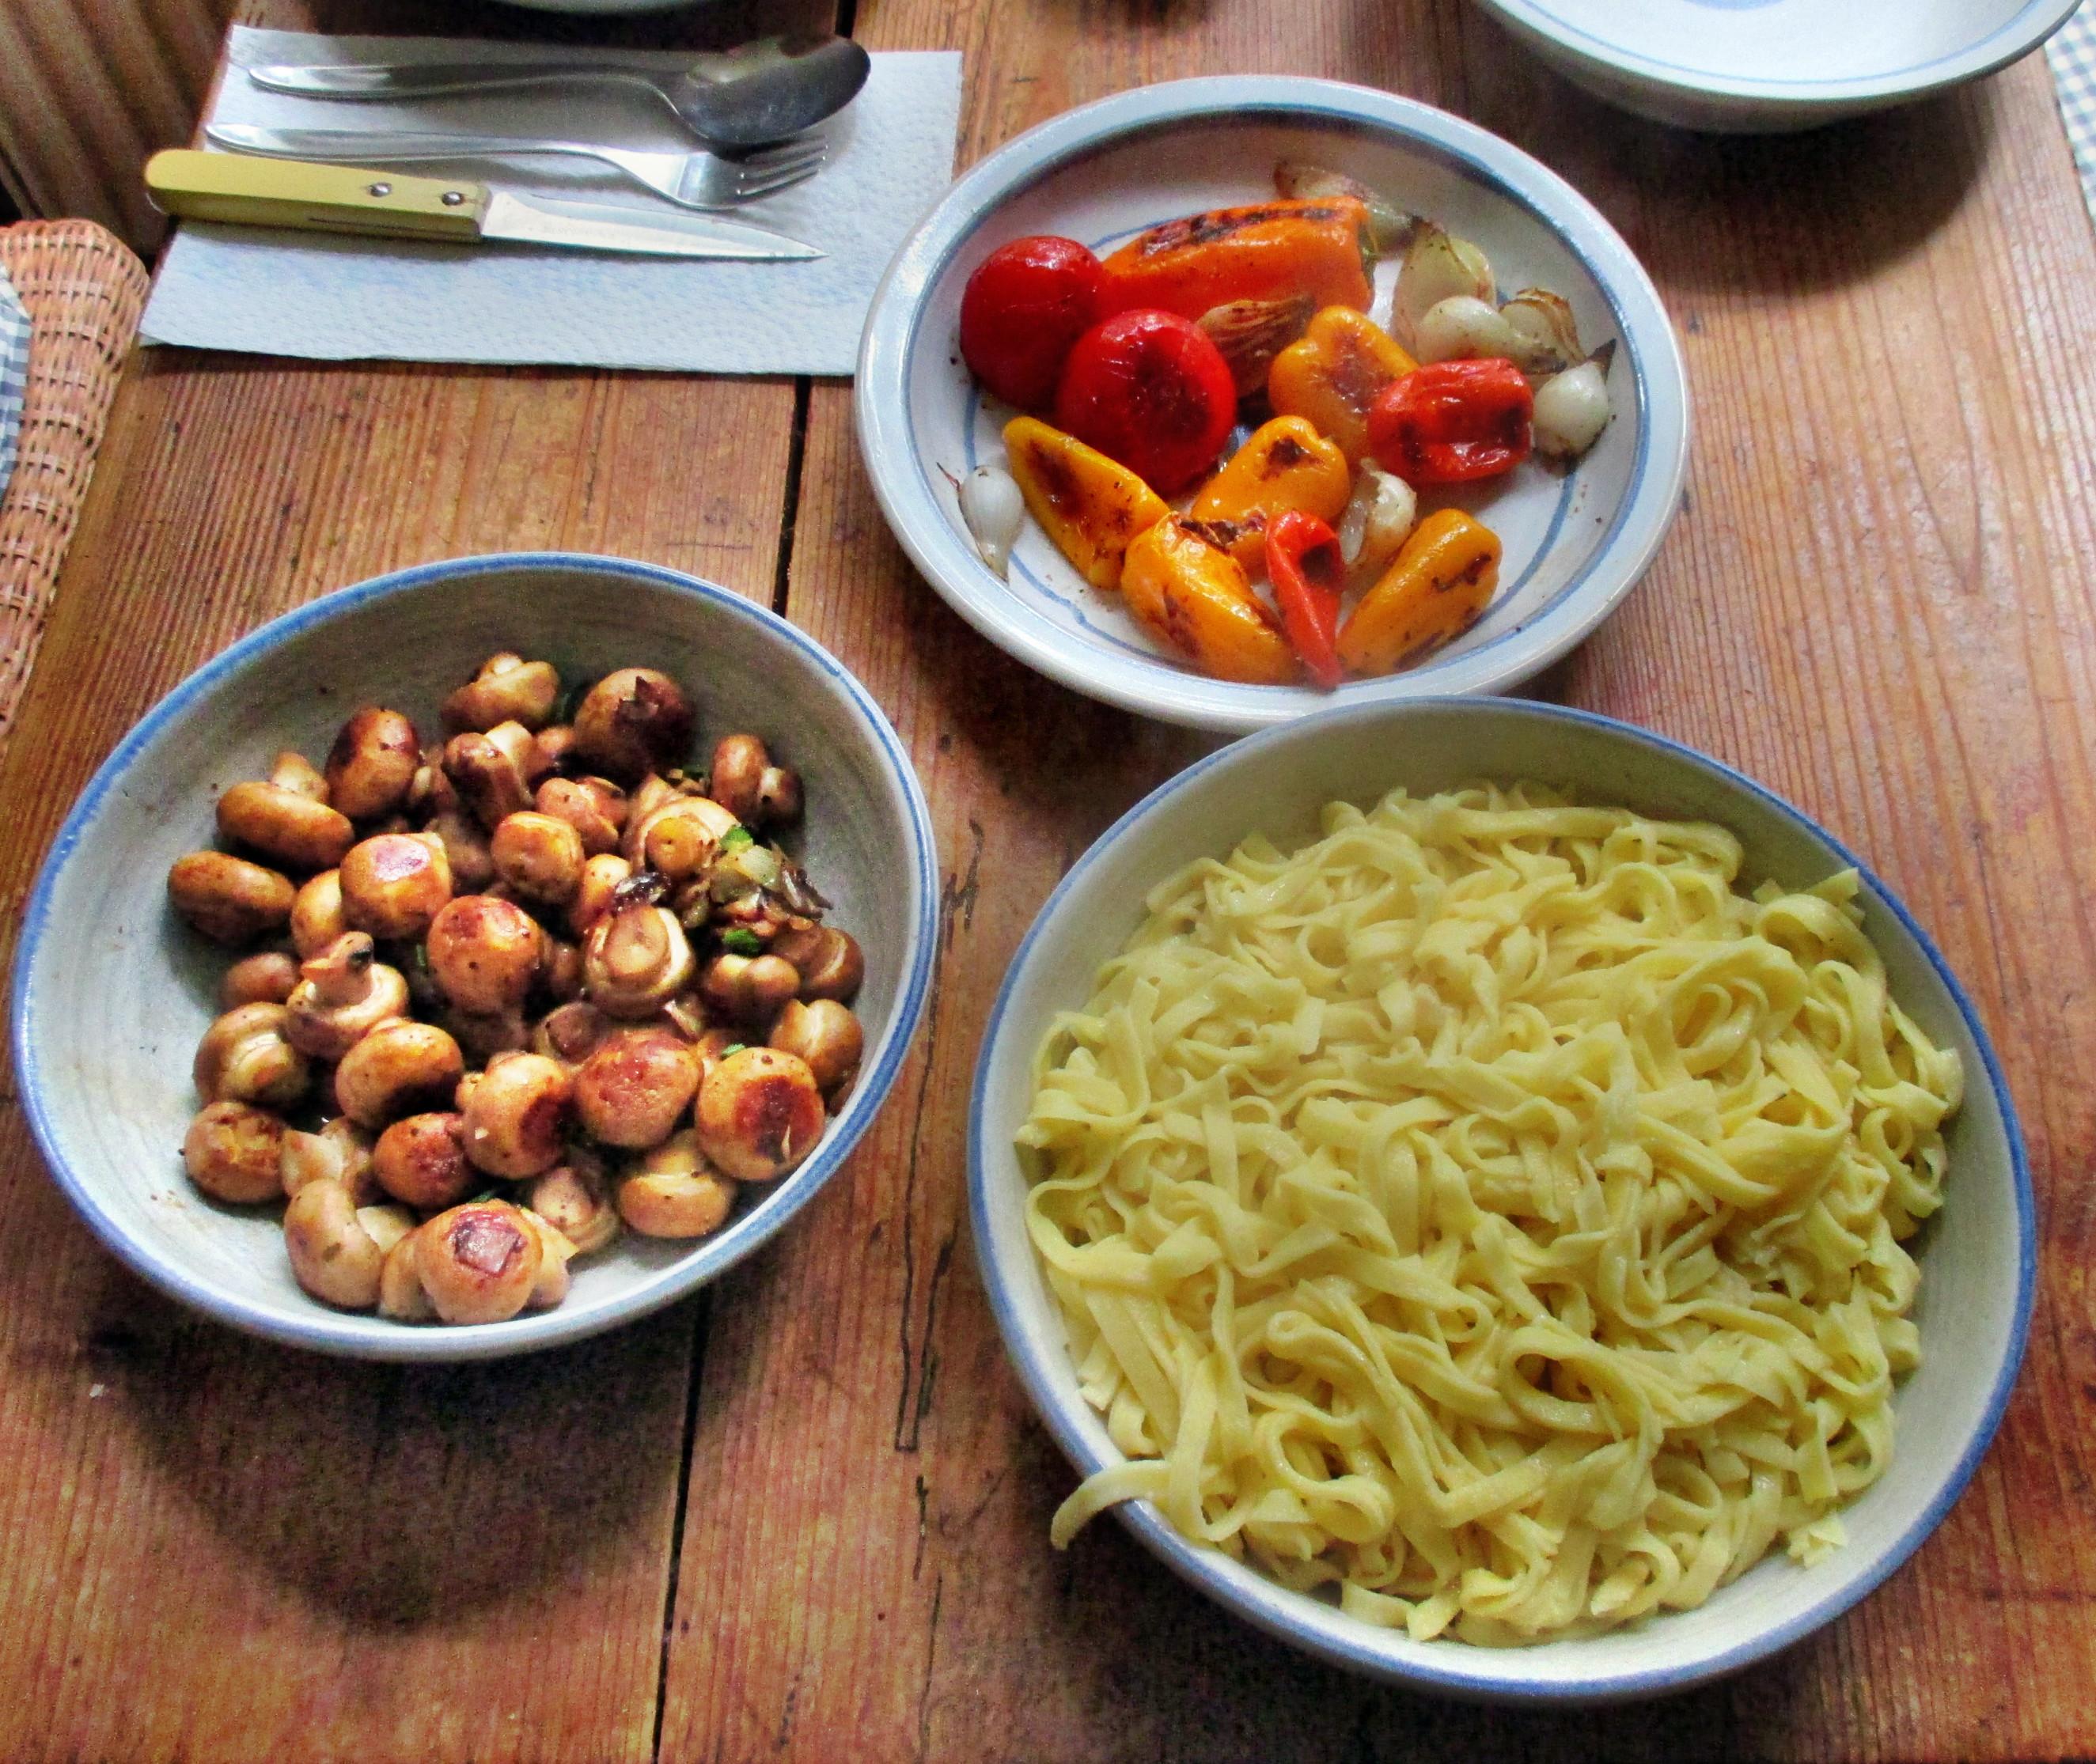 selbstgemachte Nudeln,Champignon,Bratpaprika,Salat -21.6.15   (13)